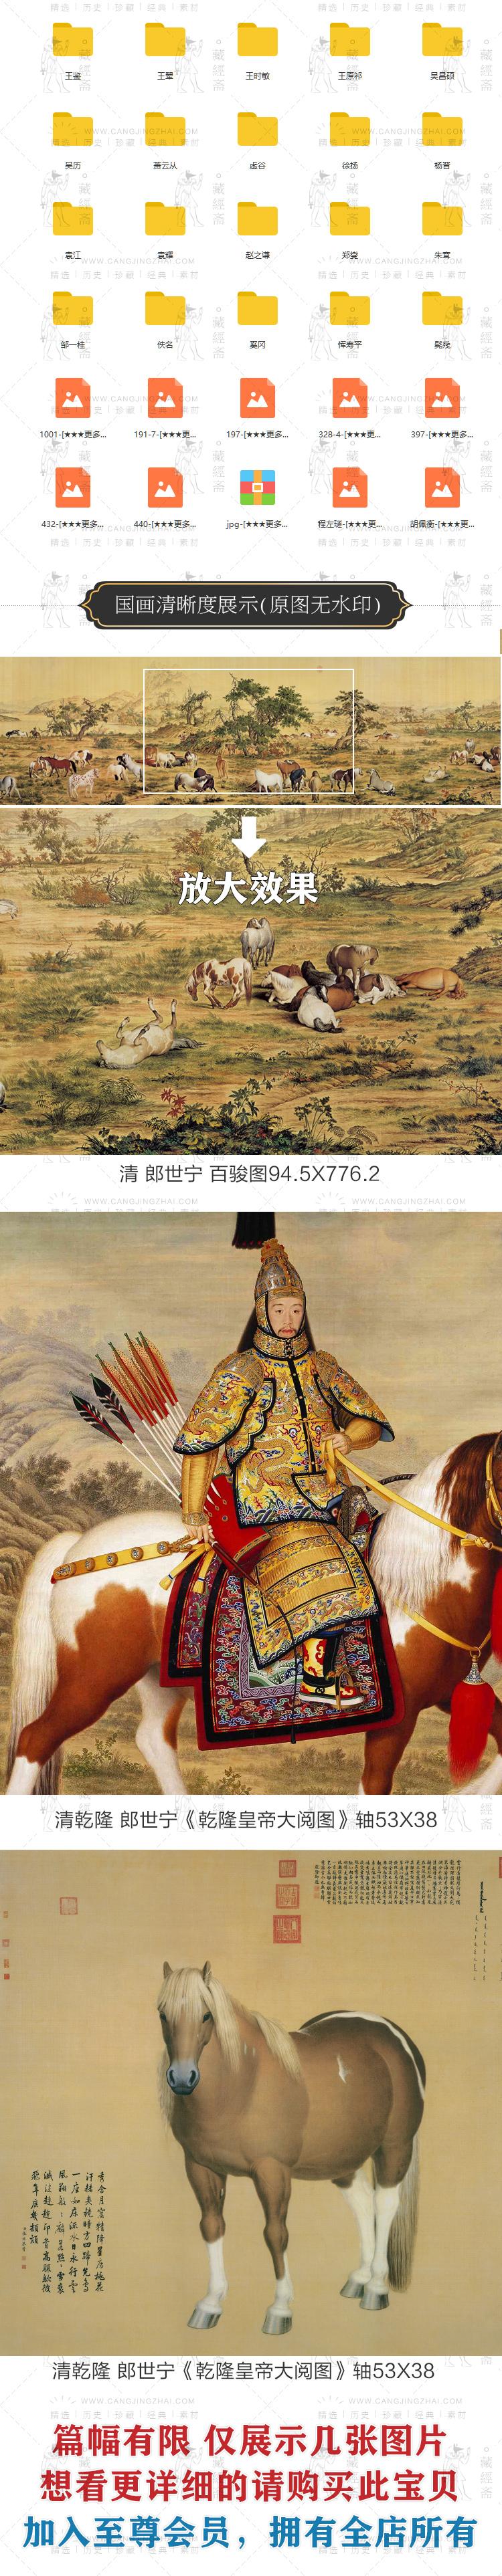 清代国画作品合集山水花鸟人物画高清图片设计素材电子版 3208插图(2)